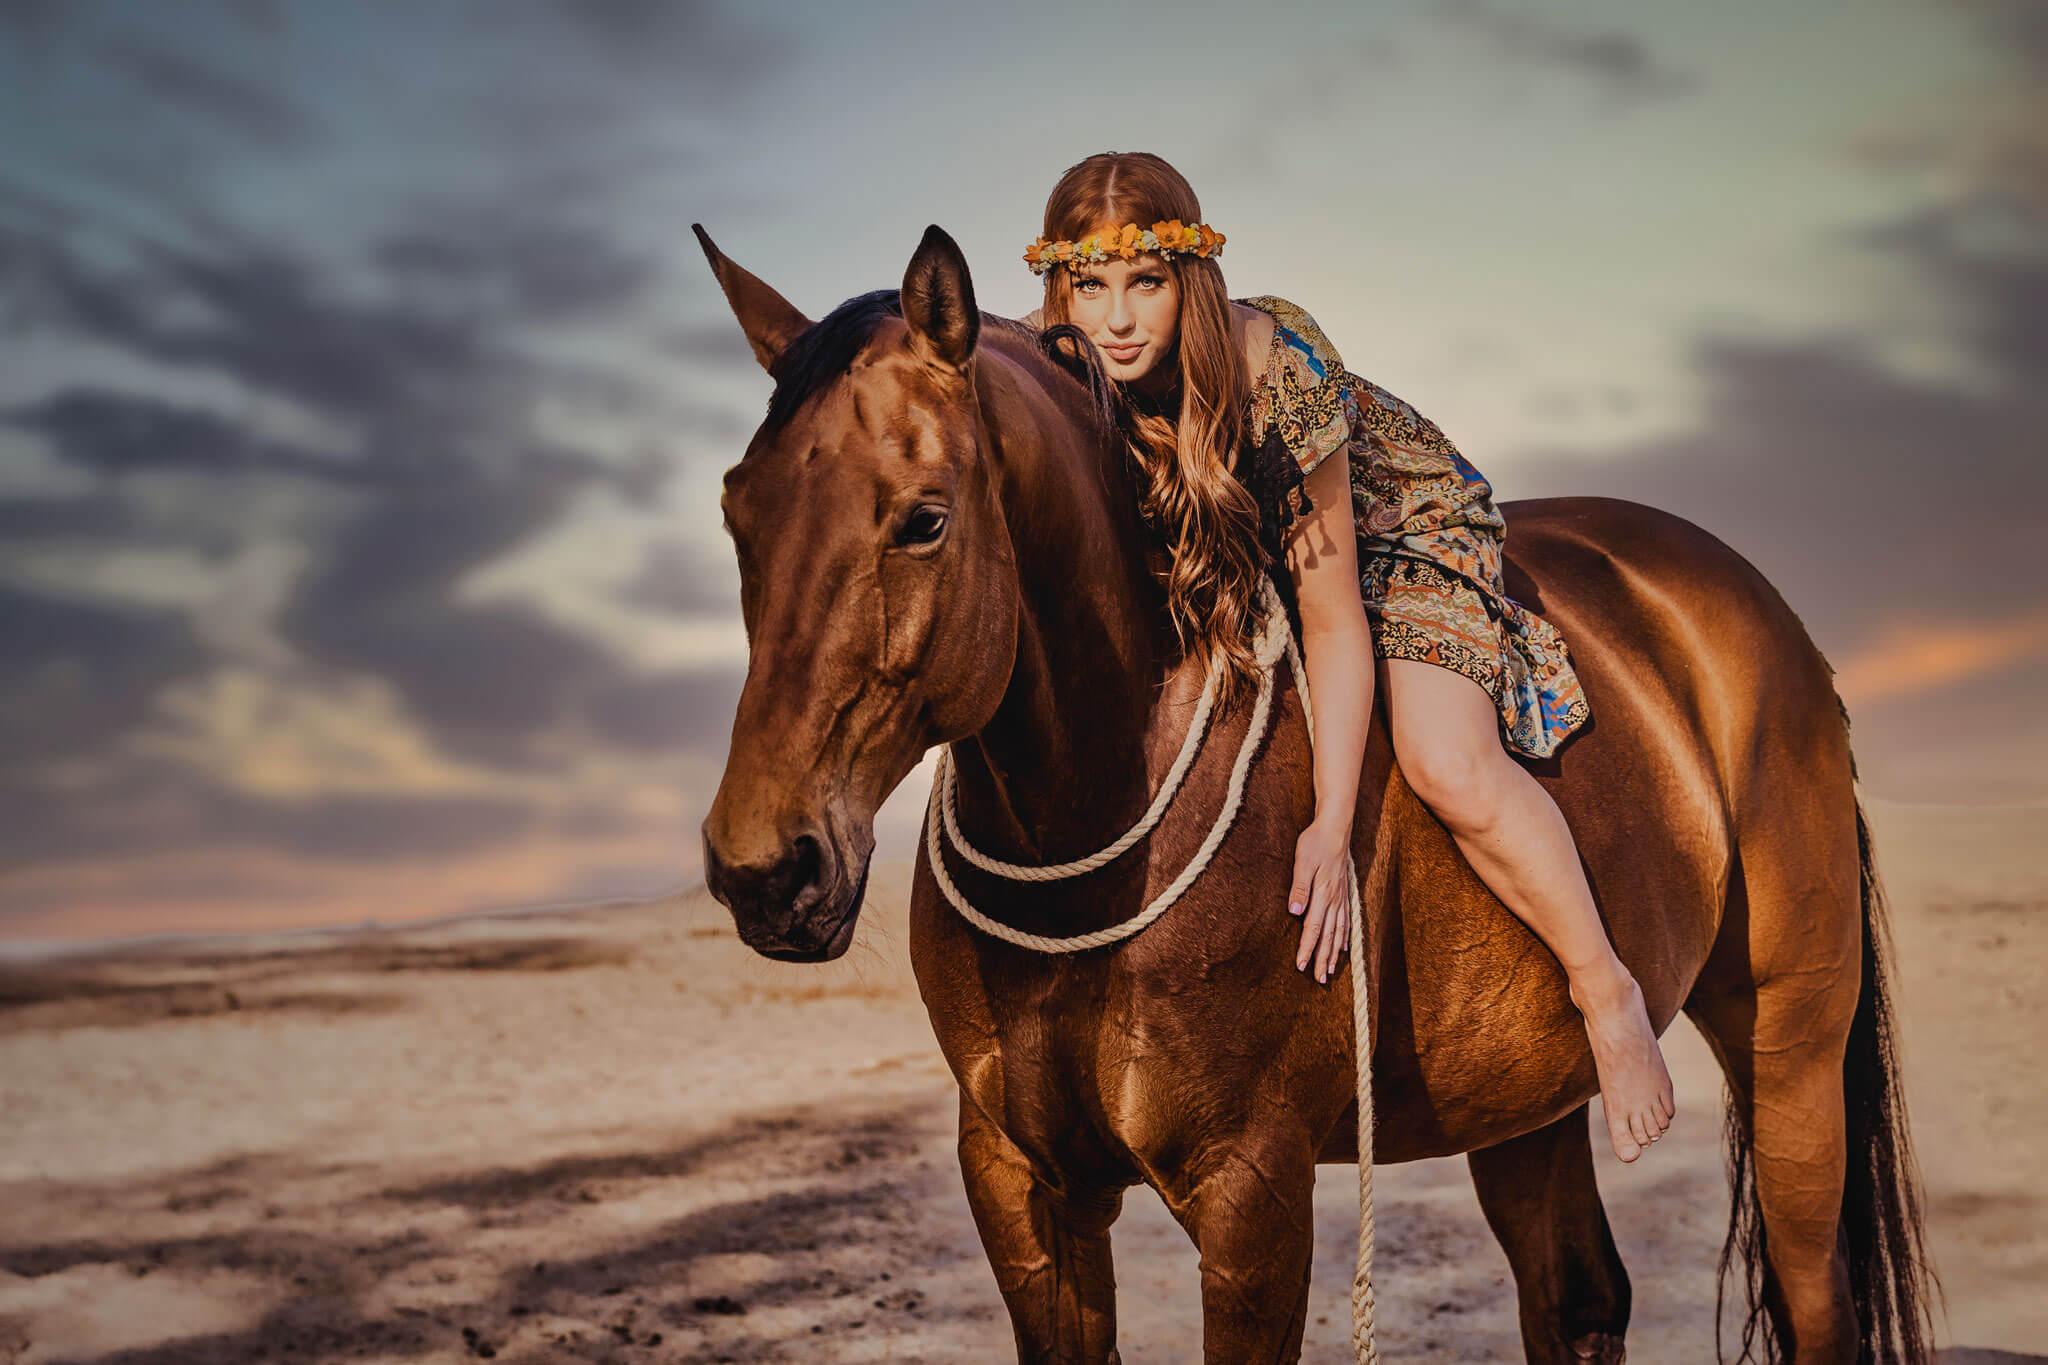 Marion-Luerkens-Fotokunst_Pferd-Frau_Himmel